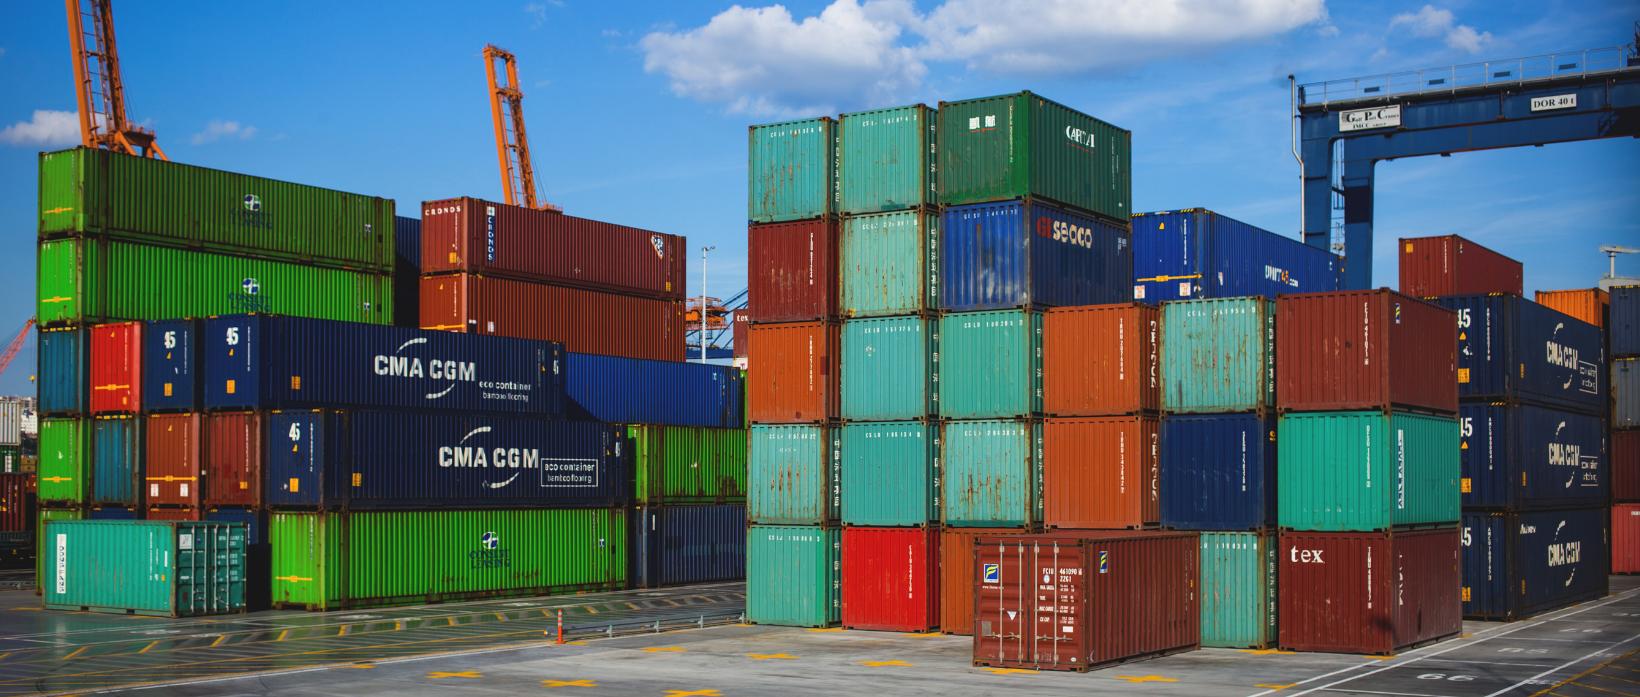 Container, Parole Importate